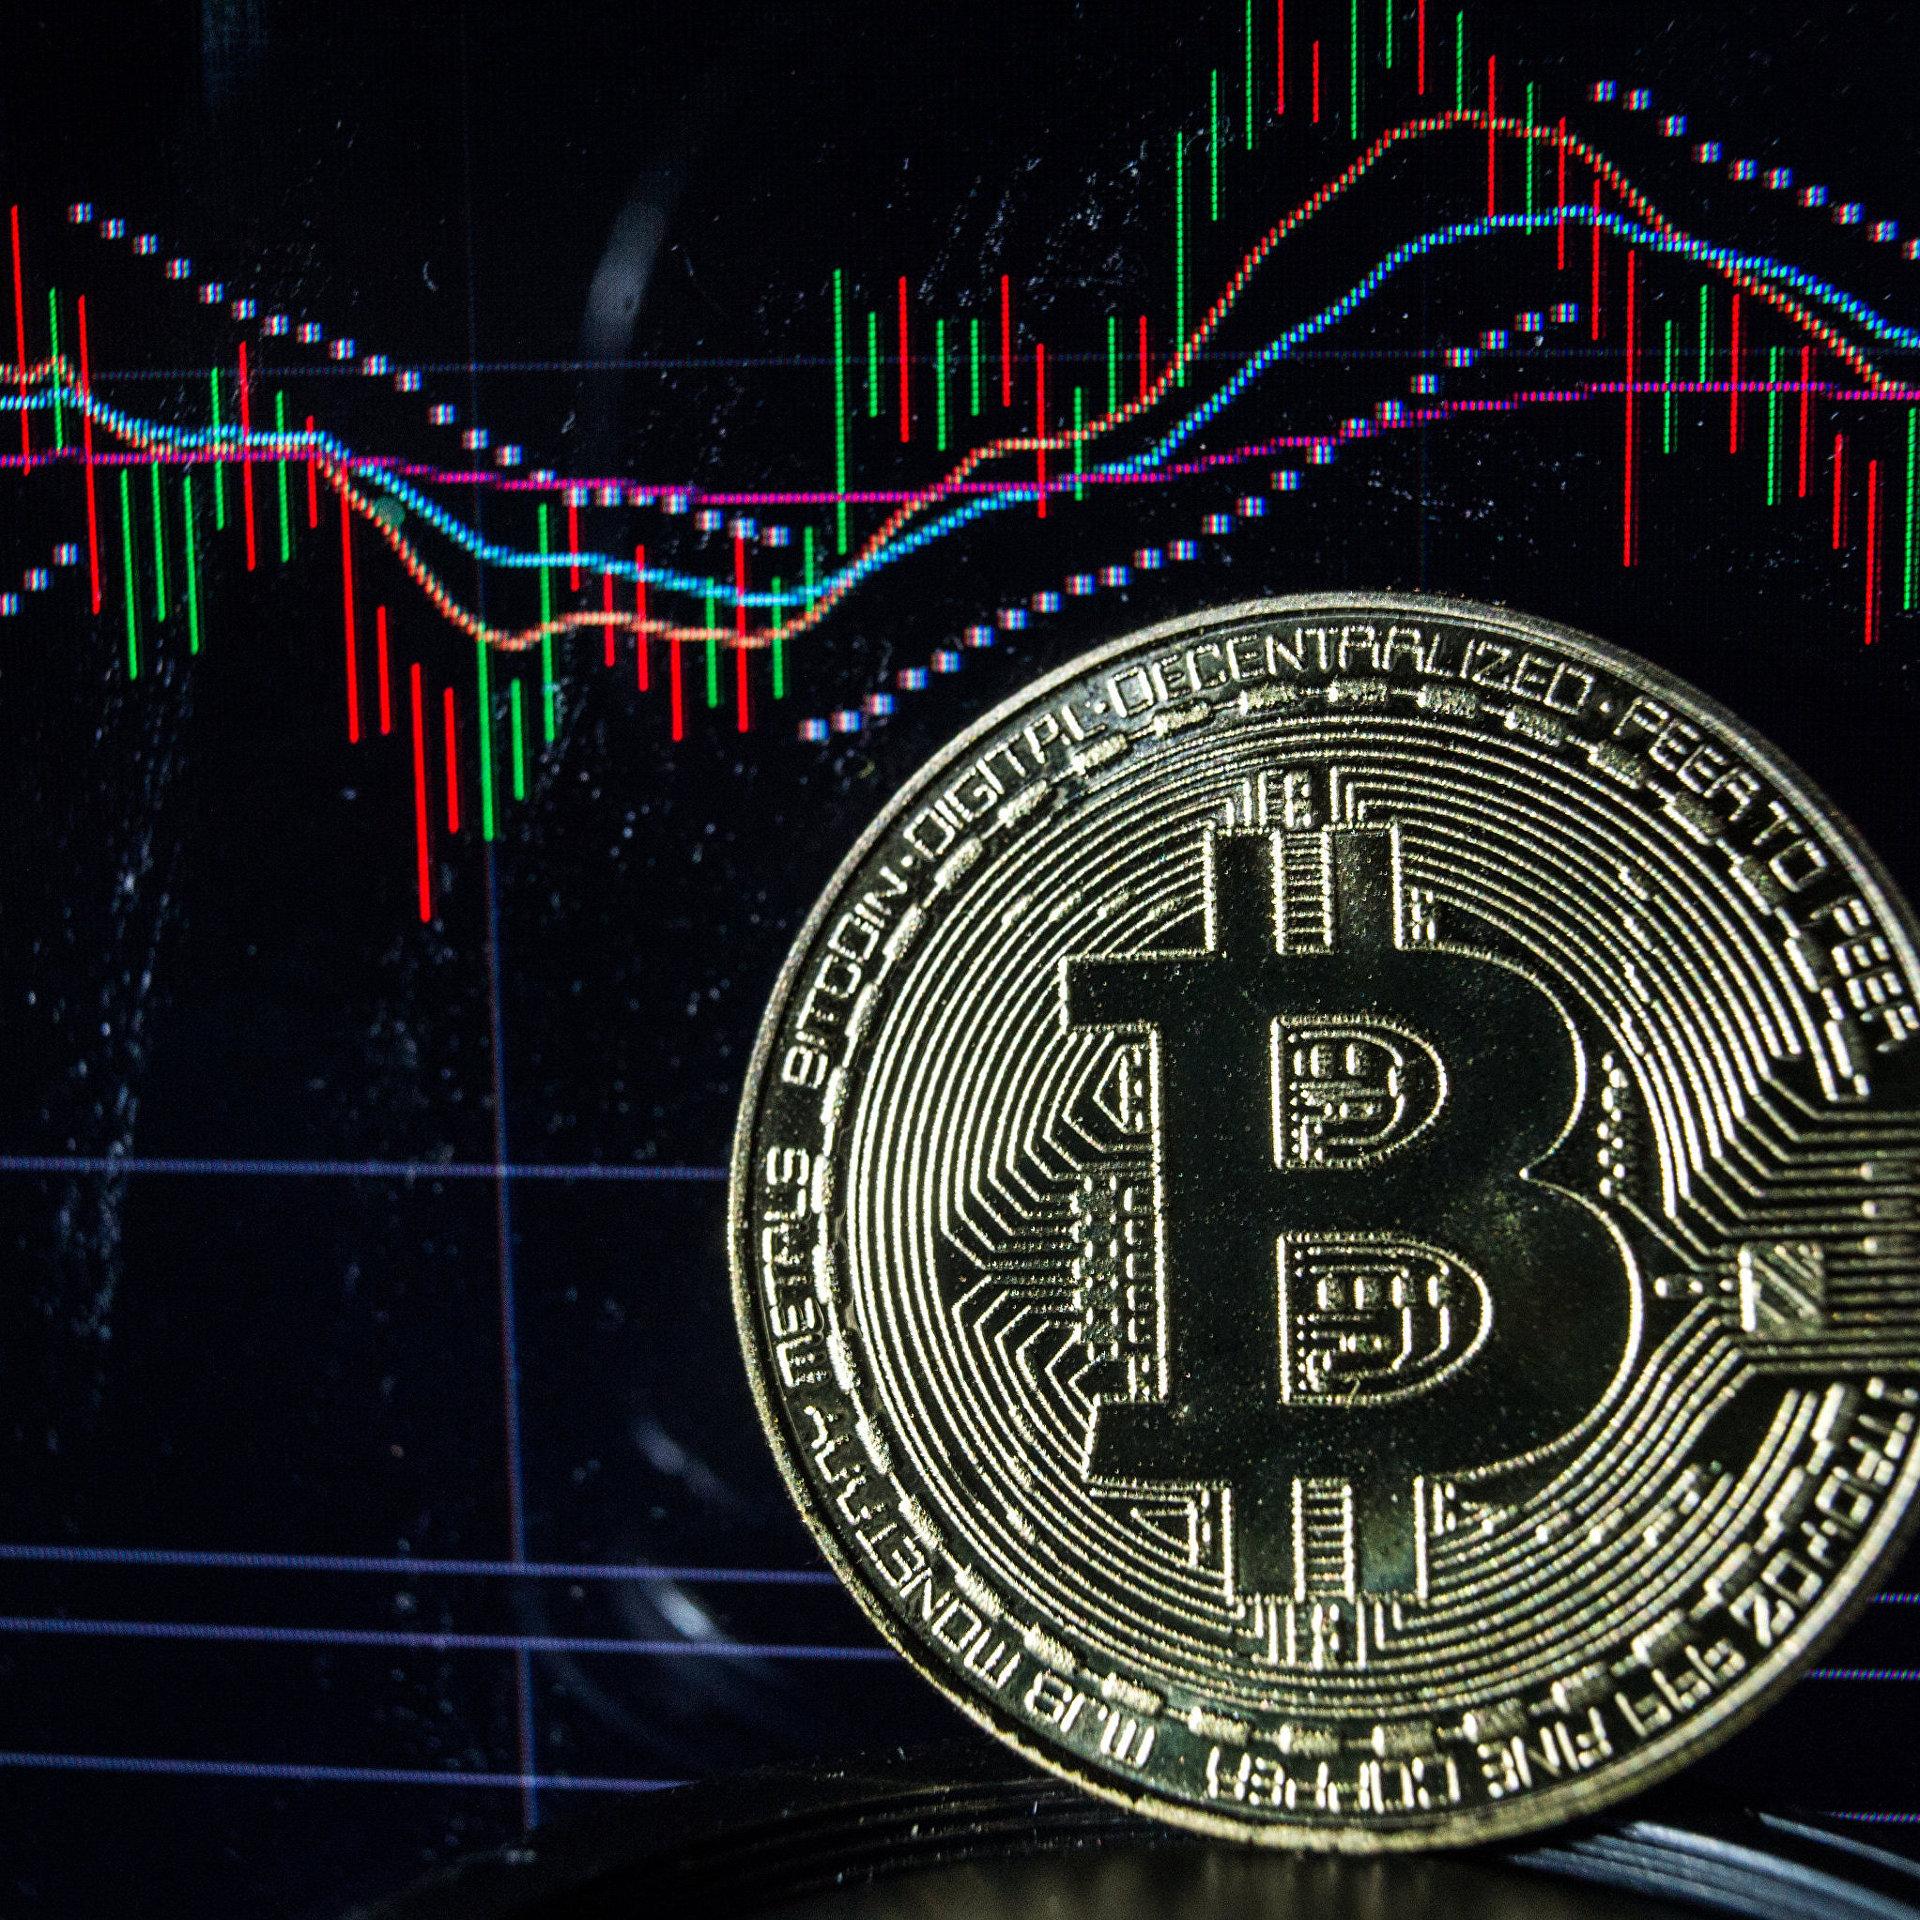 Articoli di notizie sulle criptovalute | Cardano Uniswap Polkadot Litecoin - Pagina di